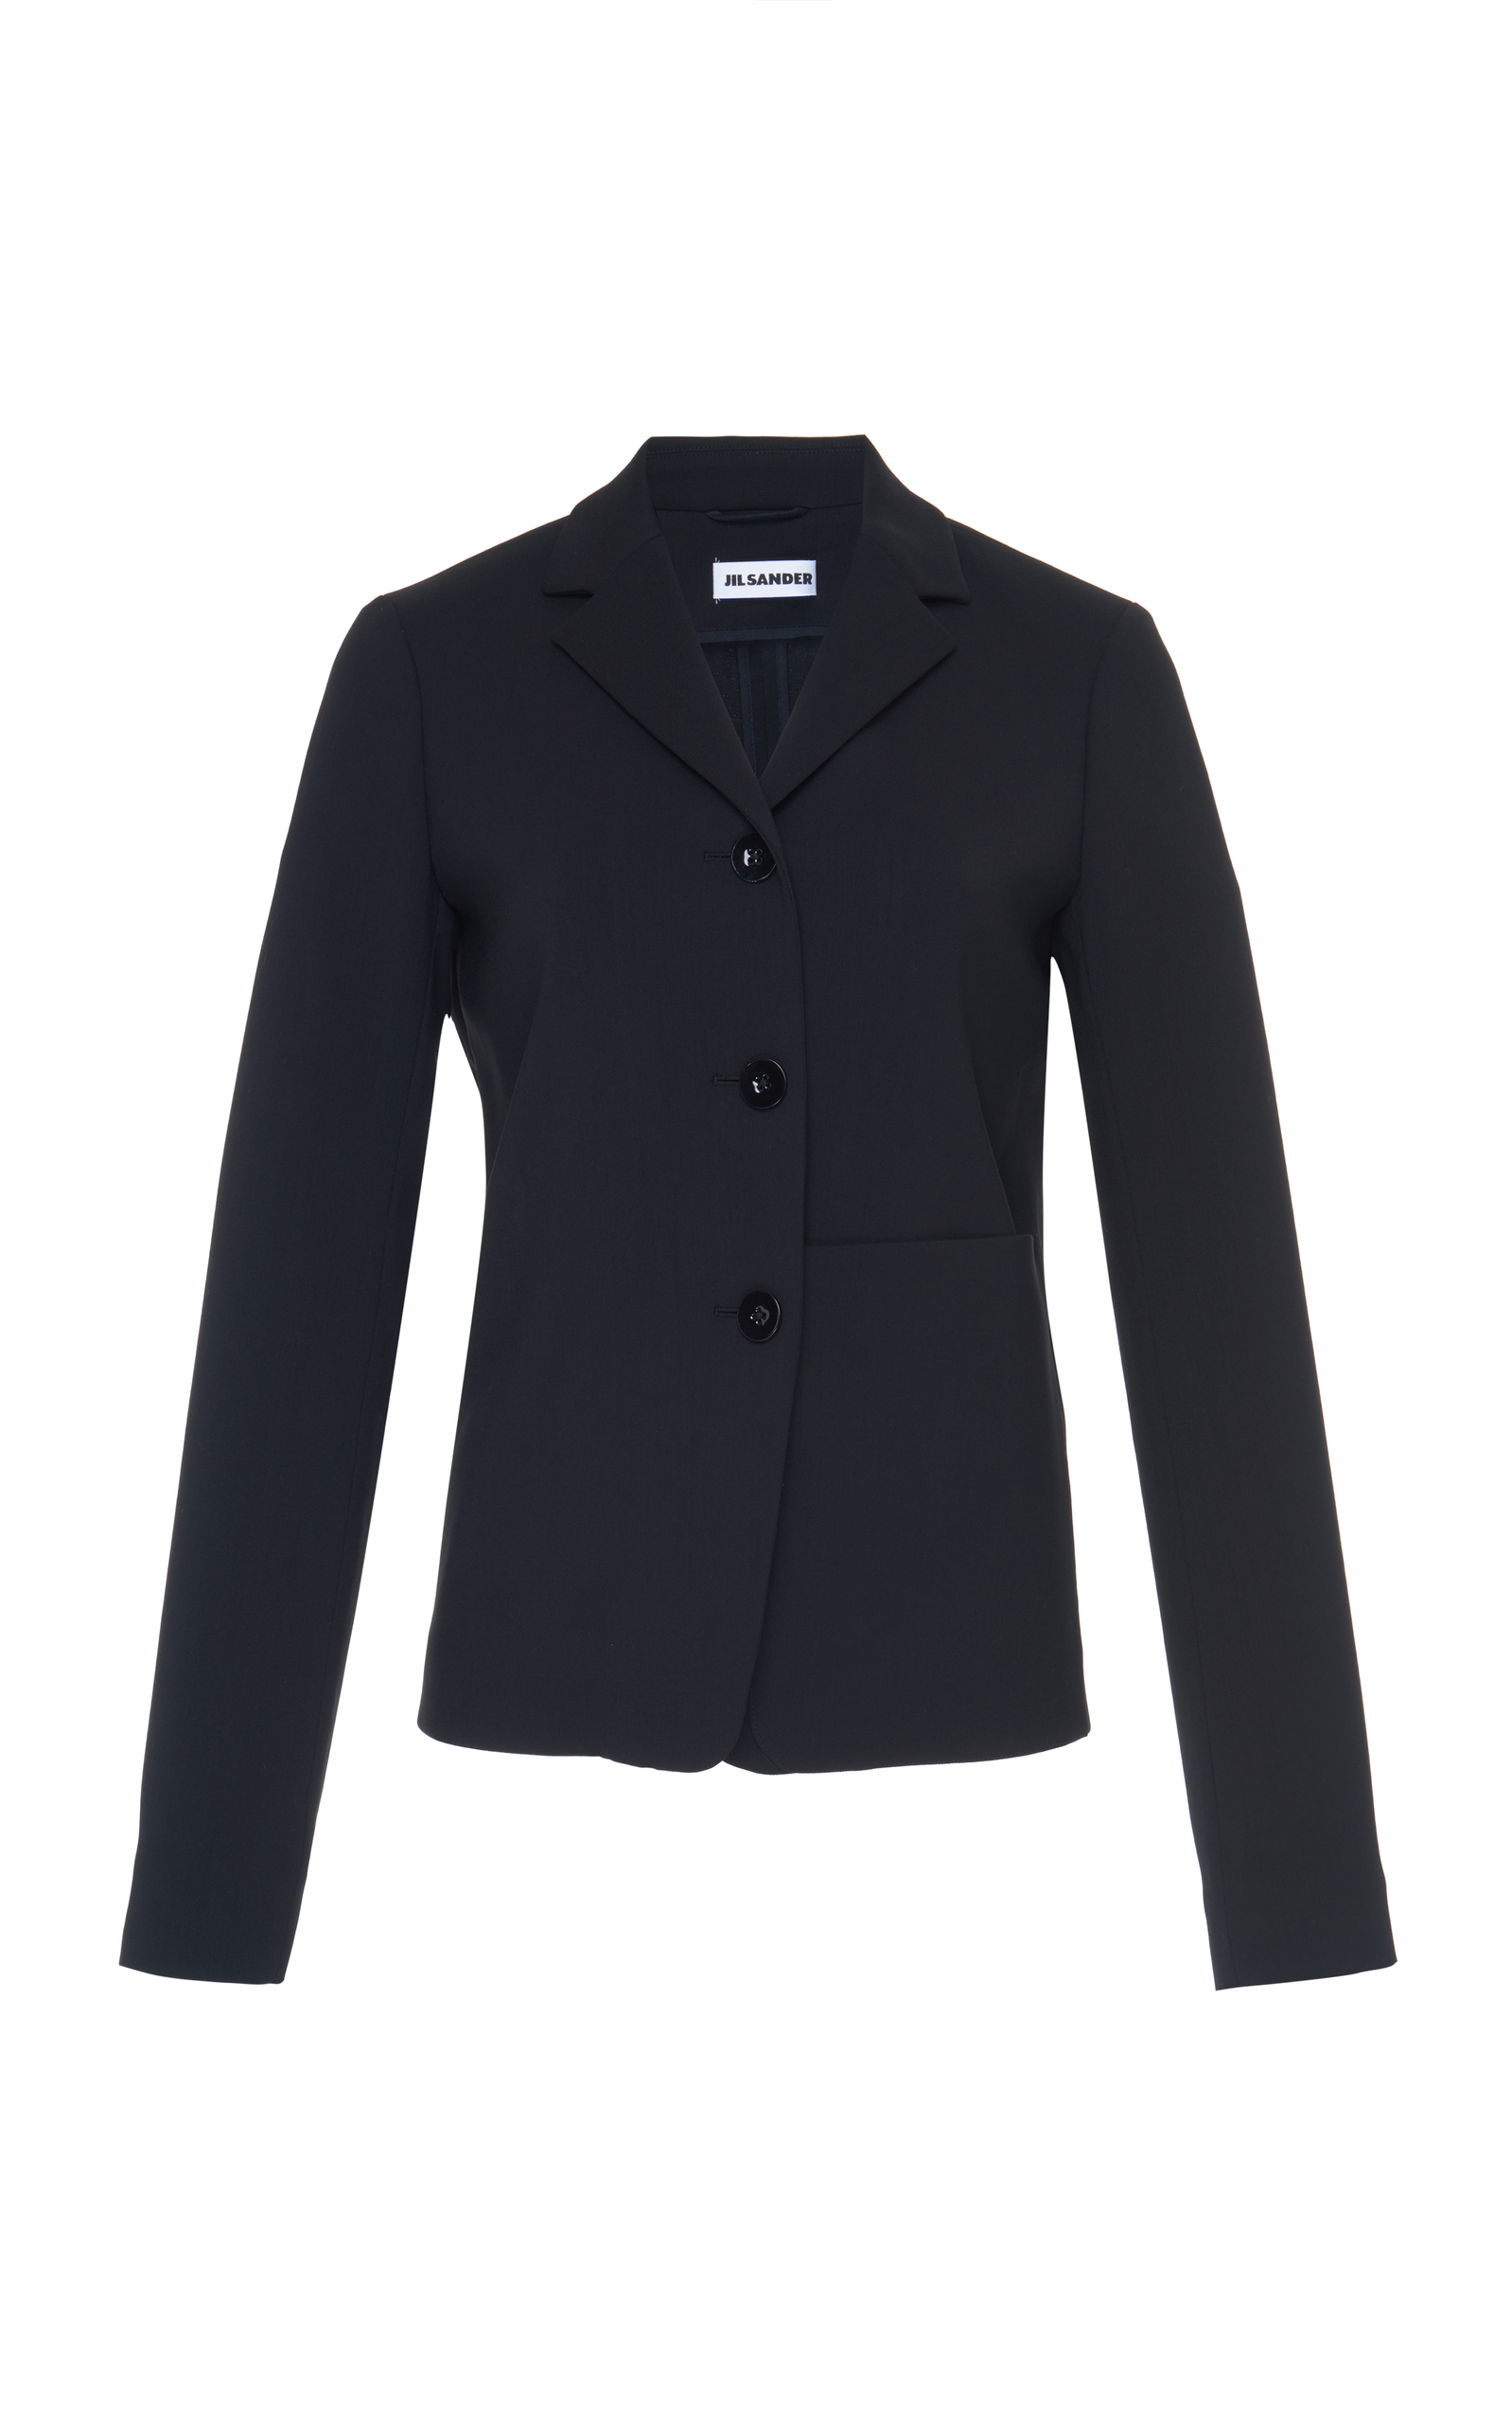 Blazer Classic Sander Operandi Farrell Jil Moda By Jacket P5dXdq